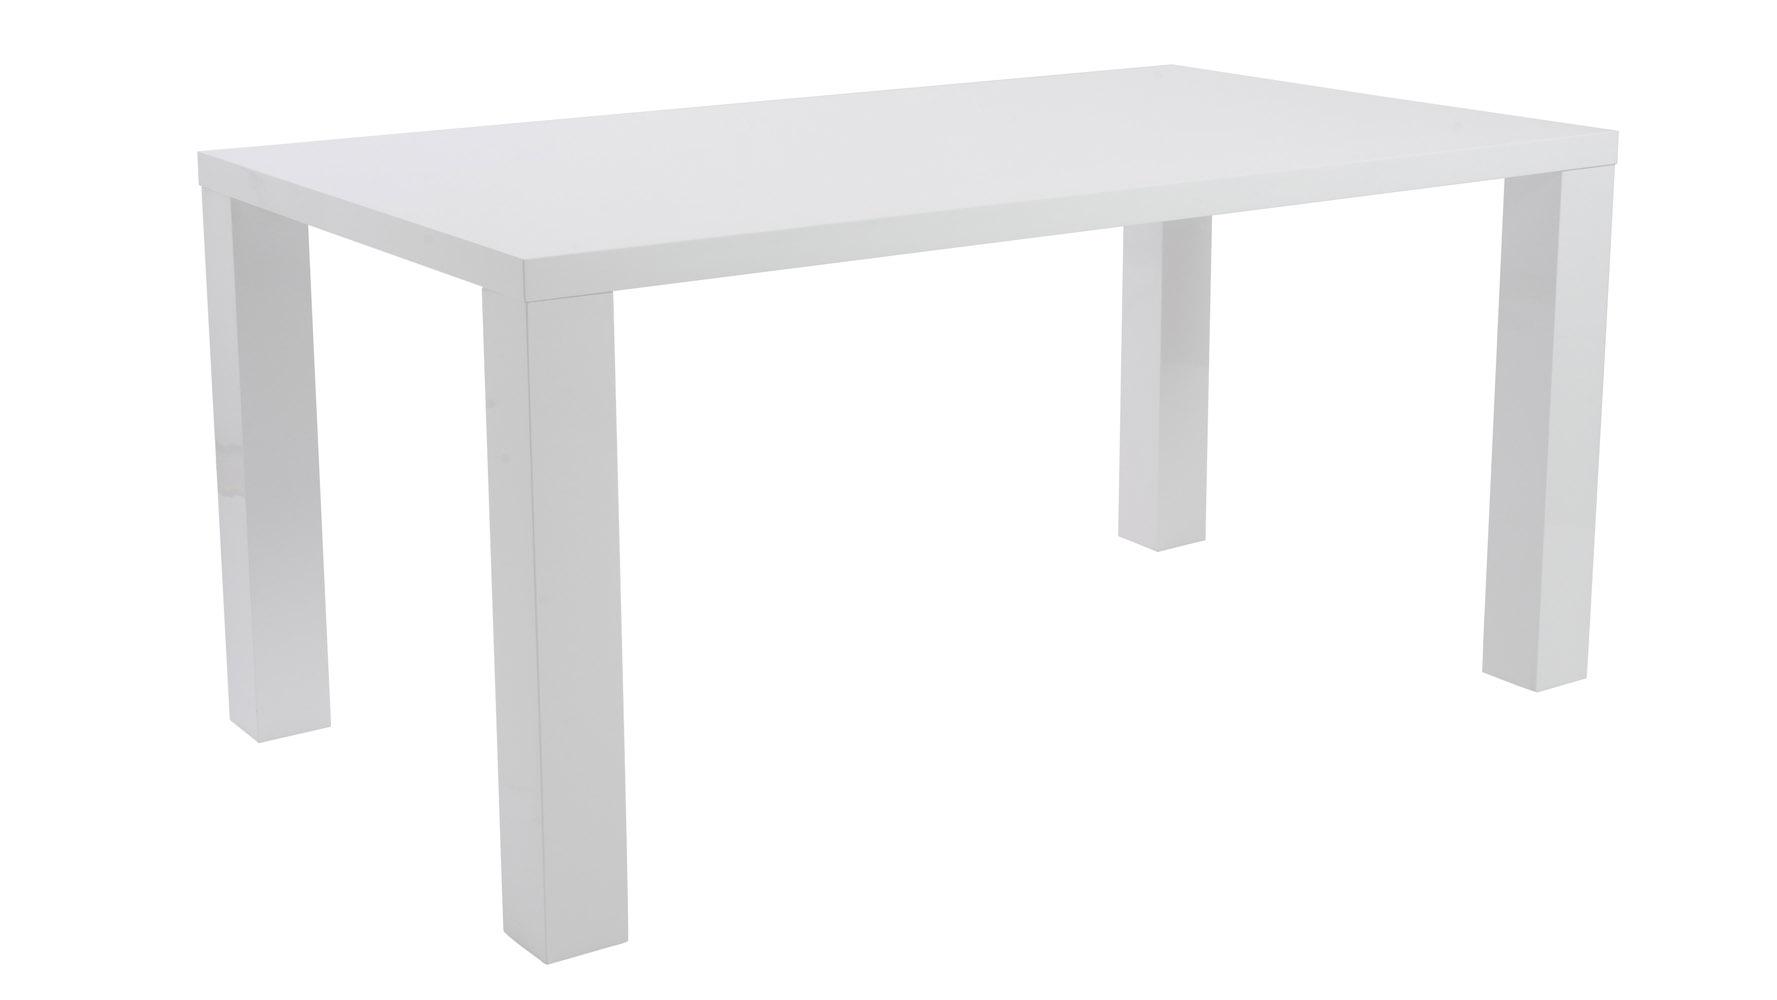 Wren Dining Table